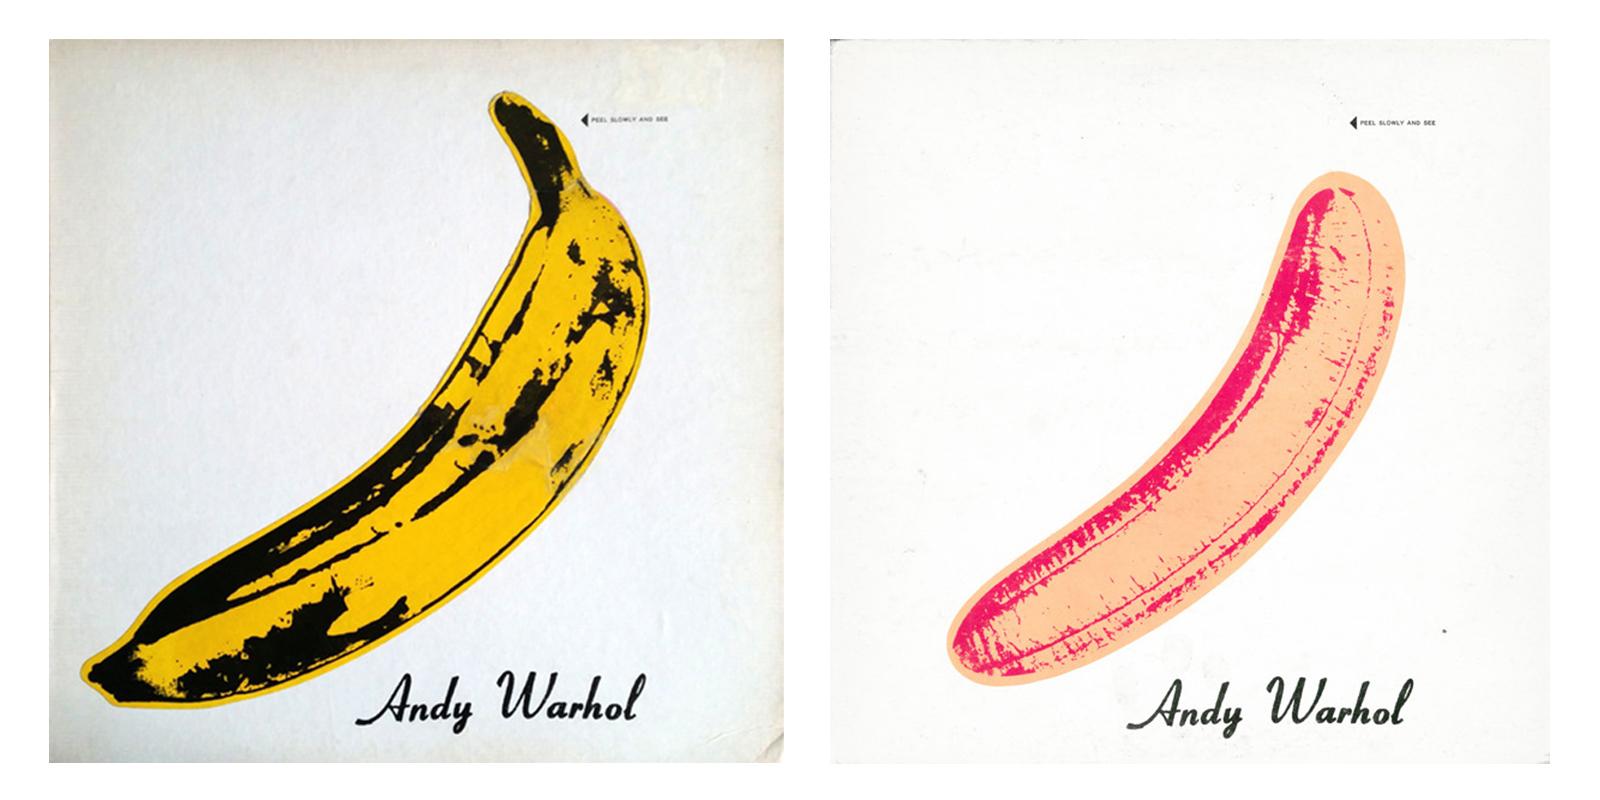 andy warhol velvet underground and nico banana